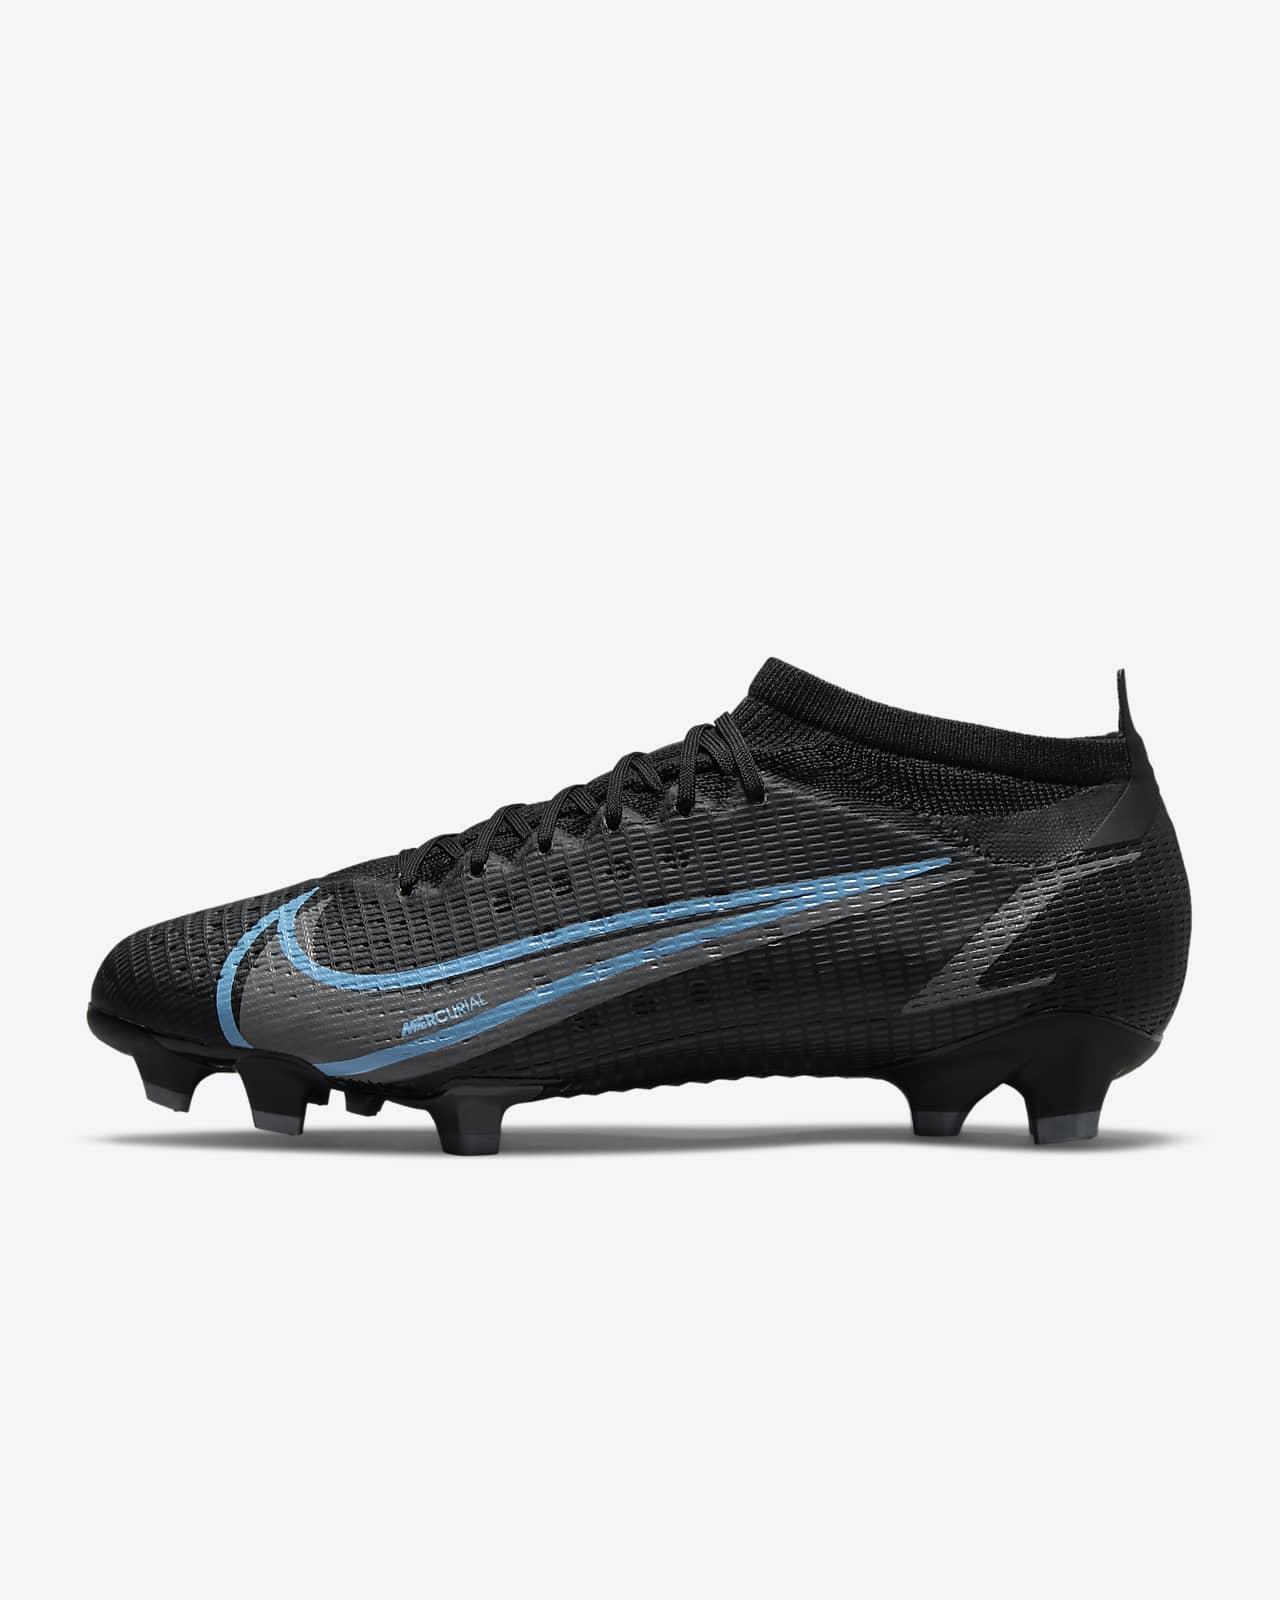 Calzado de fútbol para terreno firme Nike Mercurial Vapor 14 Pro FG